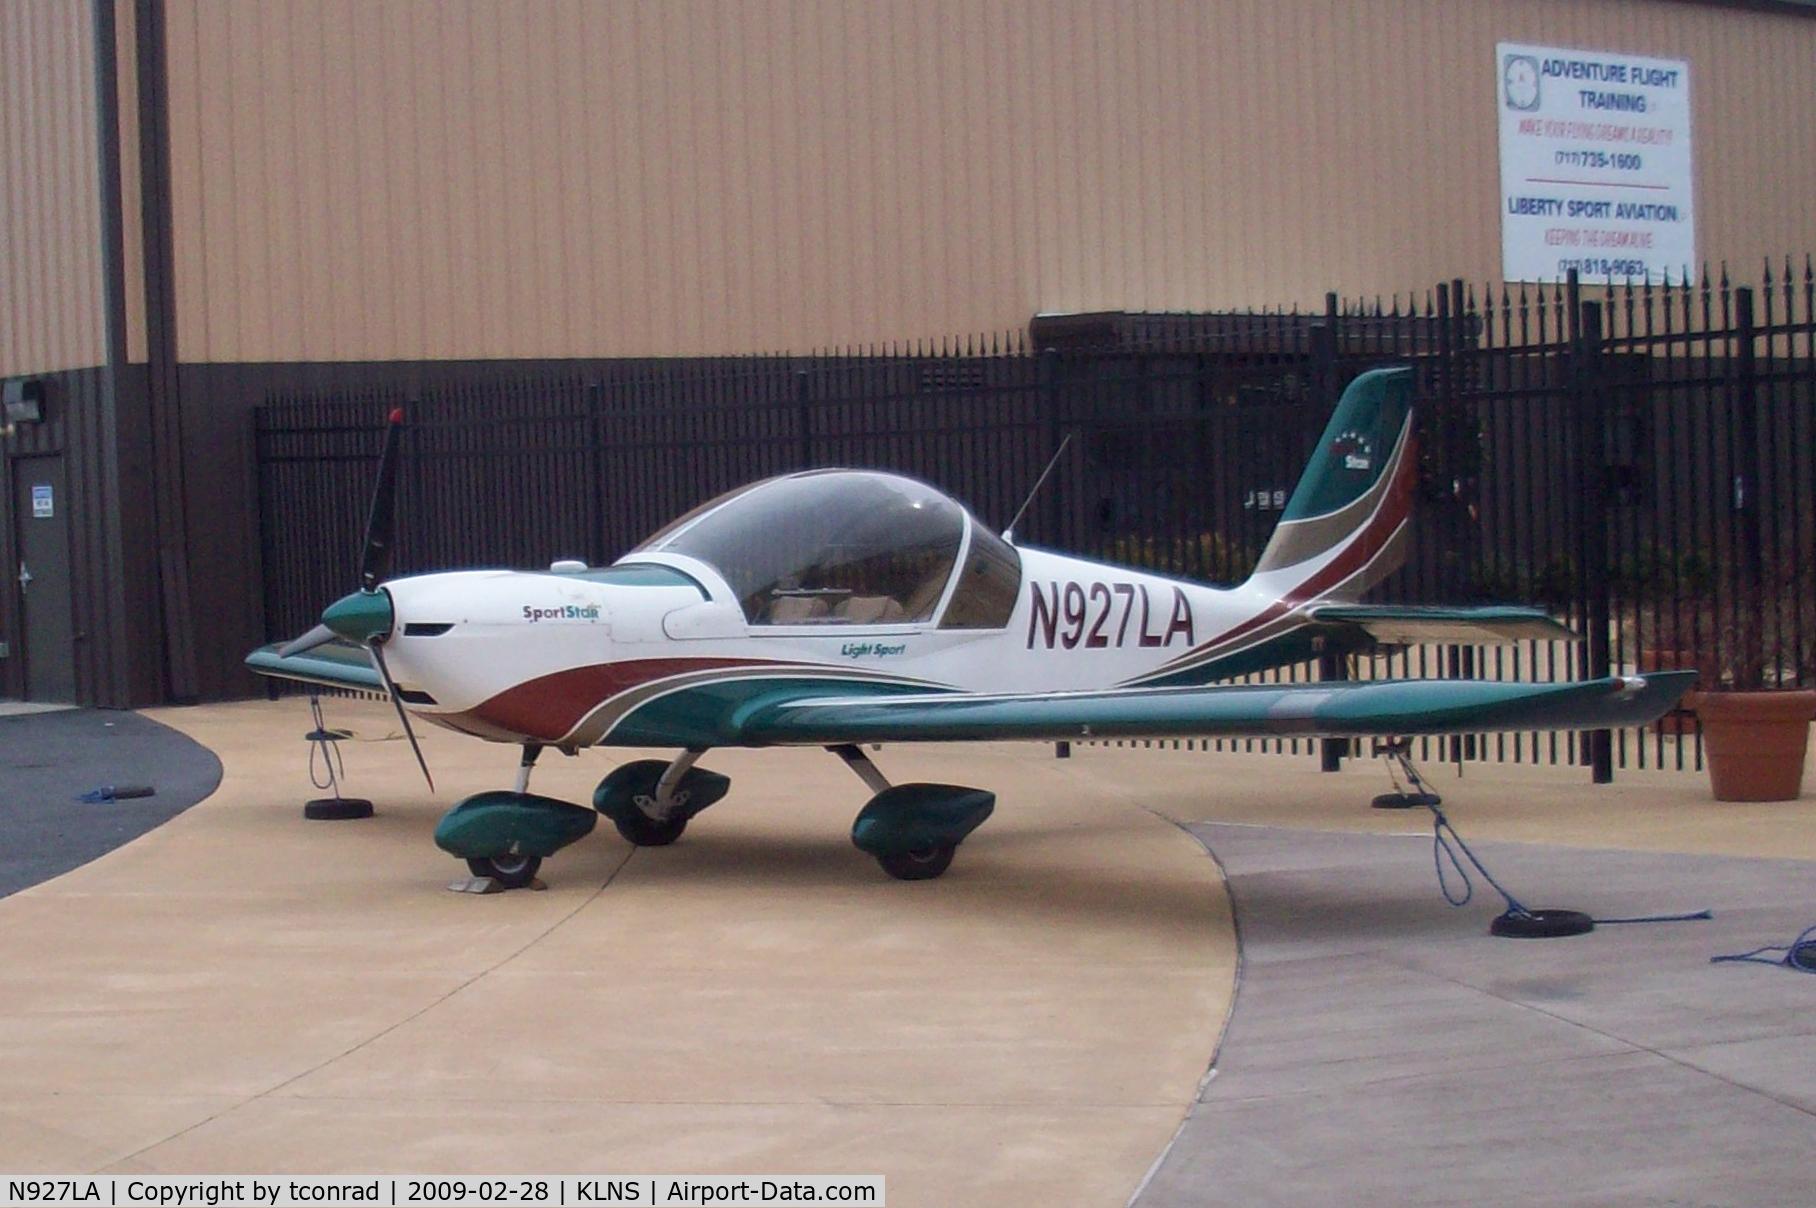 N927LA, 2007 Evektor-Aerotechnik SPORTSTAR PLUS C/N 20070927, at Lancaster